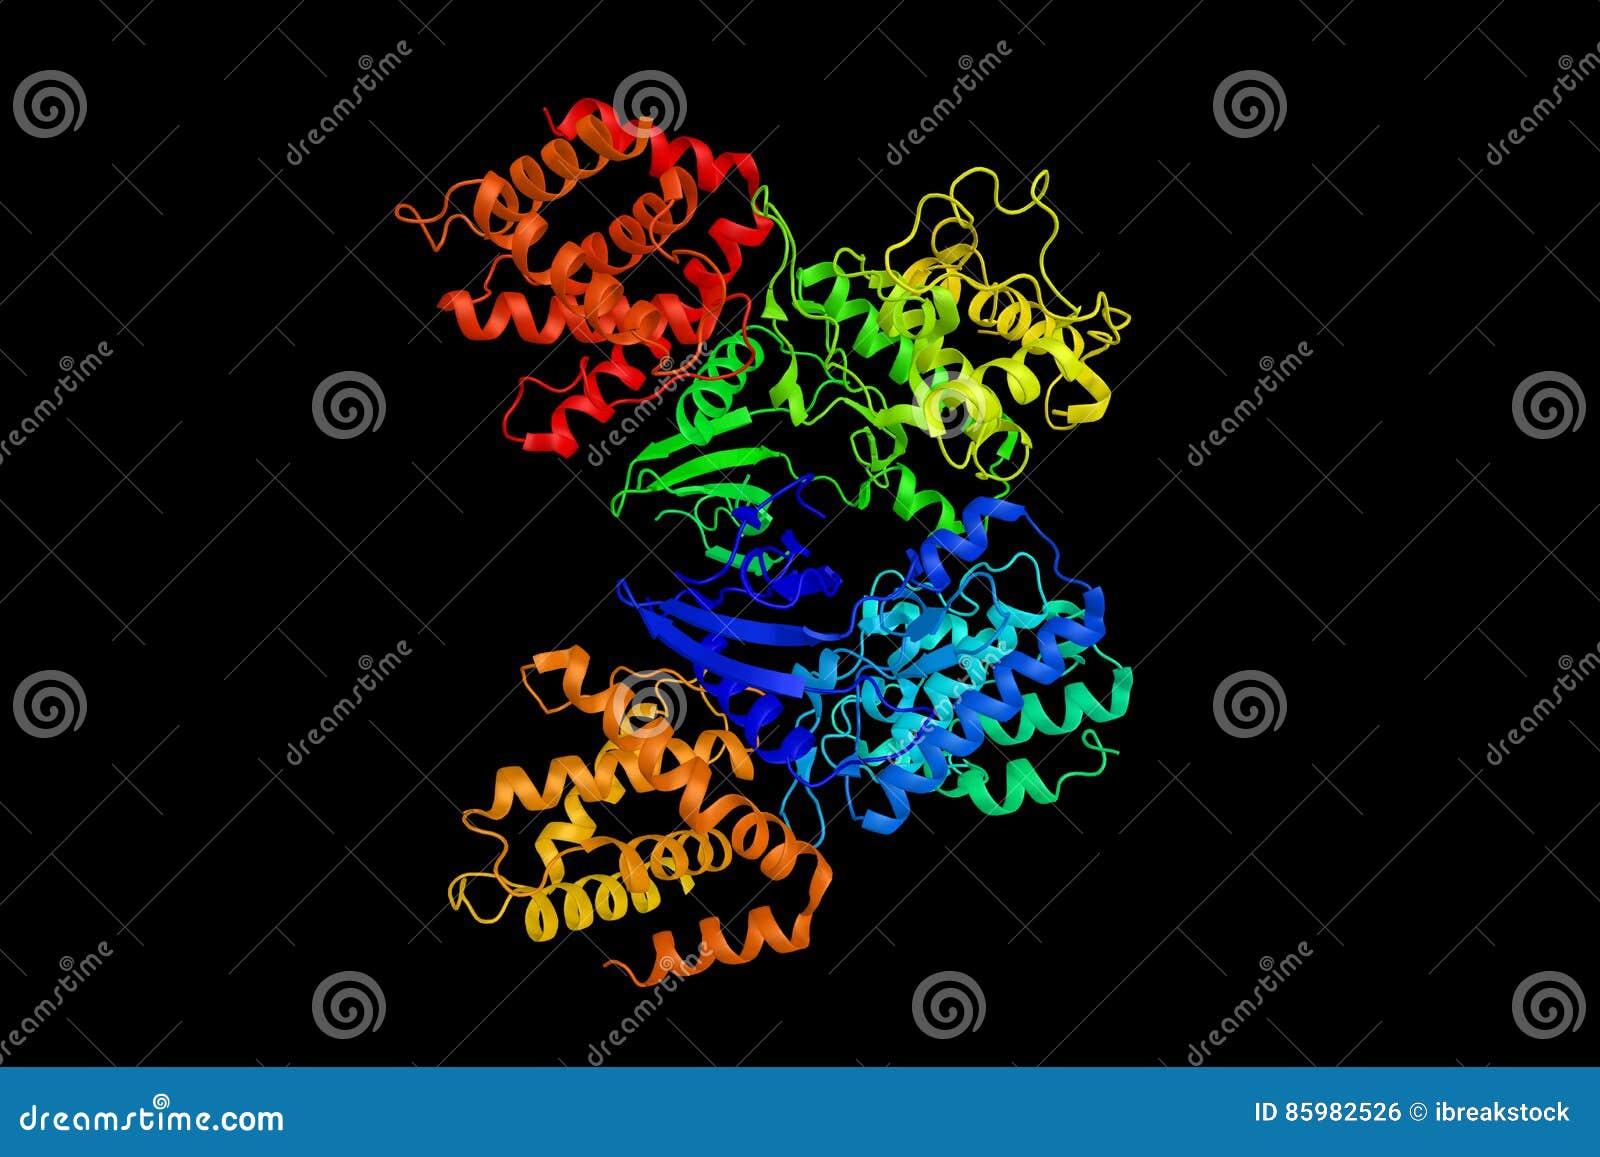 Πρωτεϊνική κινάση 5, ένα ένζυμο κυτταροδιαίρεσης που είναι ένα ουσιαστικό